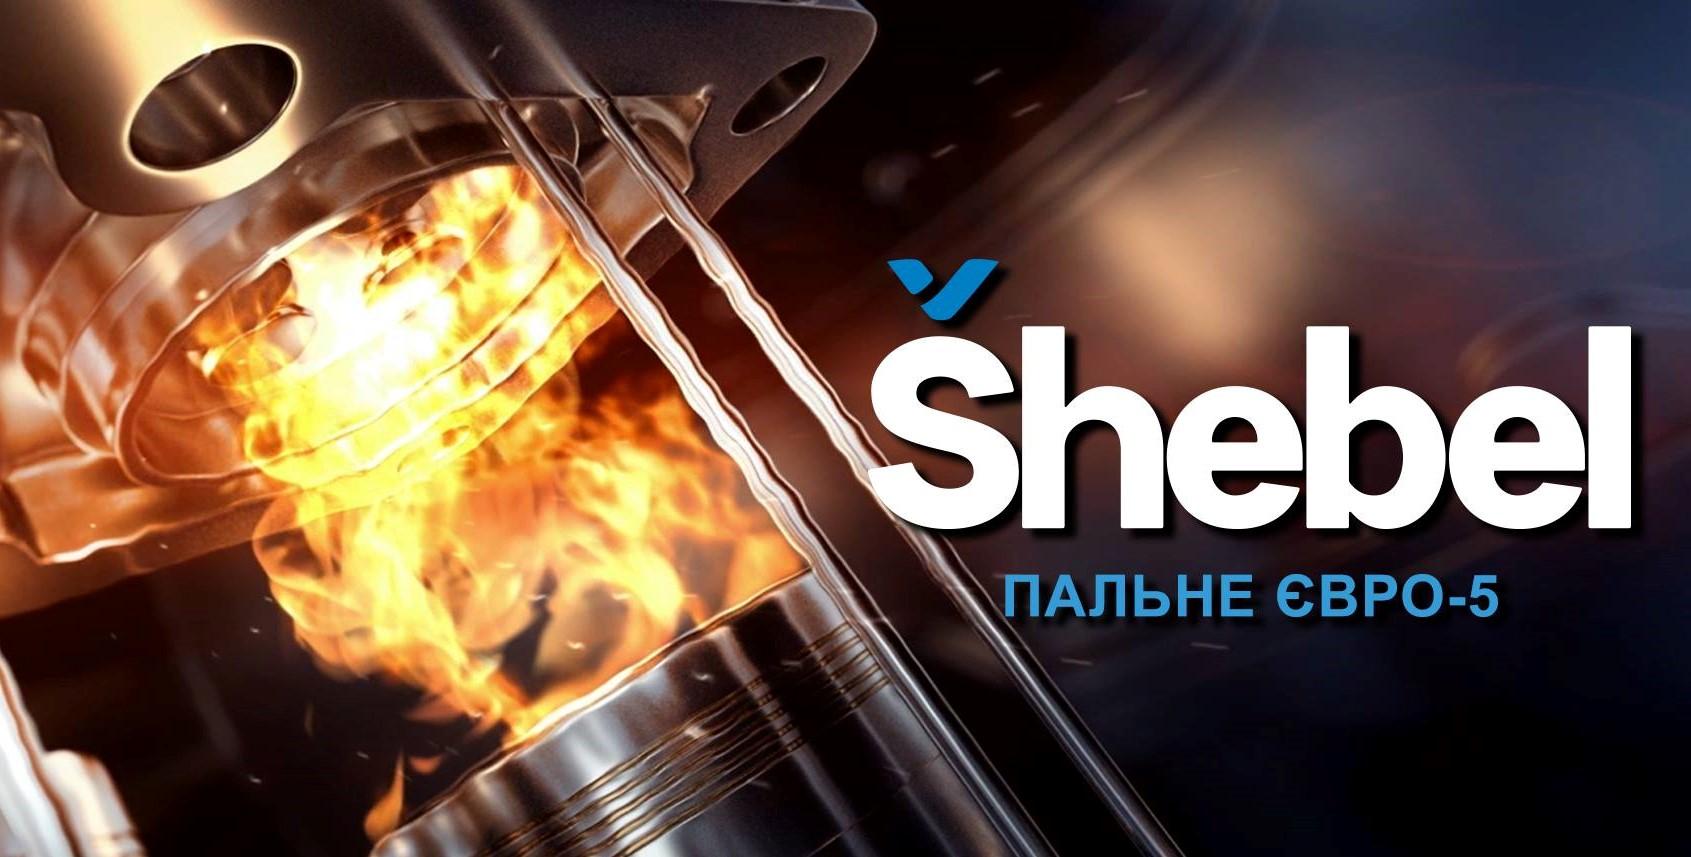 Українське пальне Shebel за якістю не поступається міжнародним аналогам – результати випробовувань